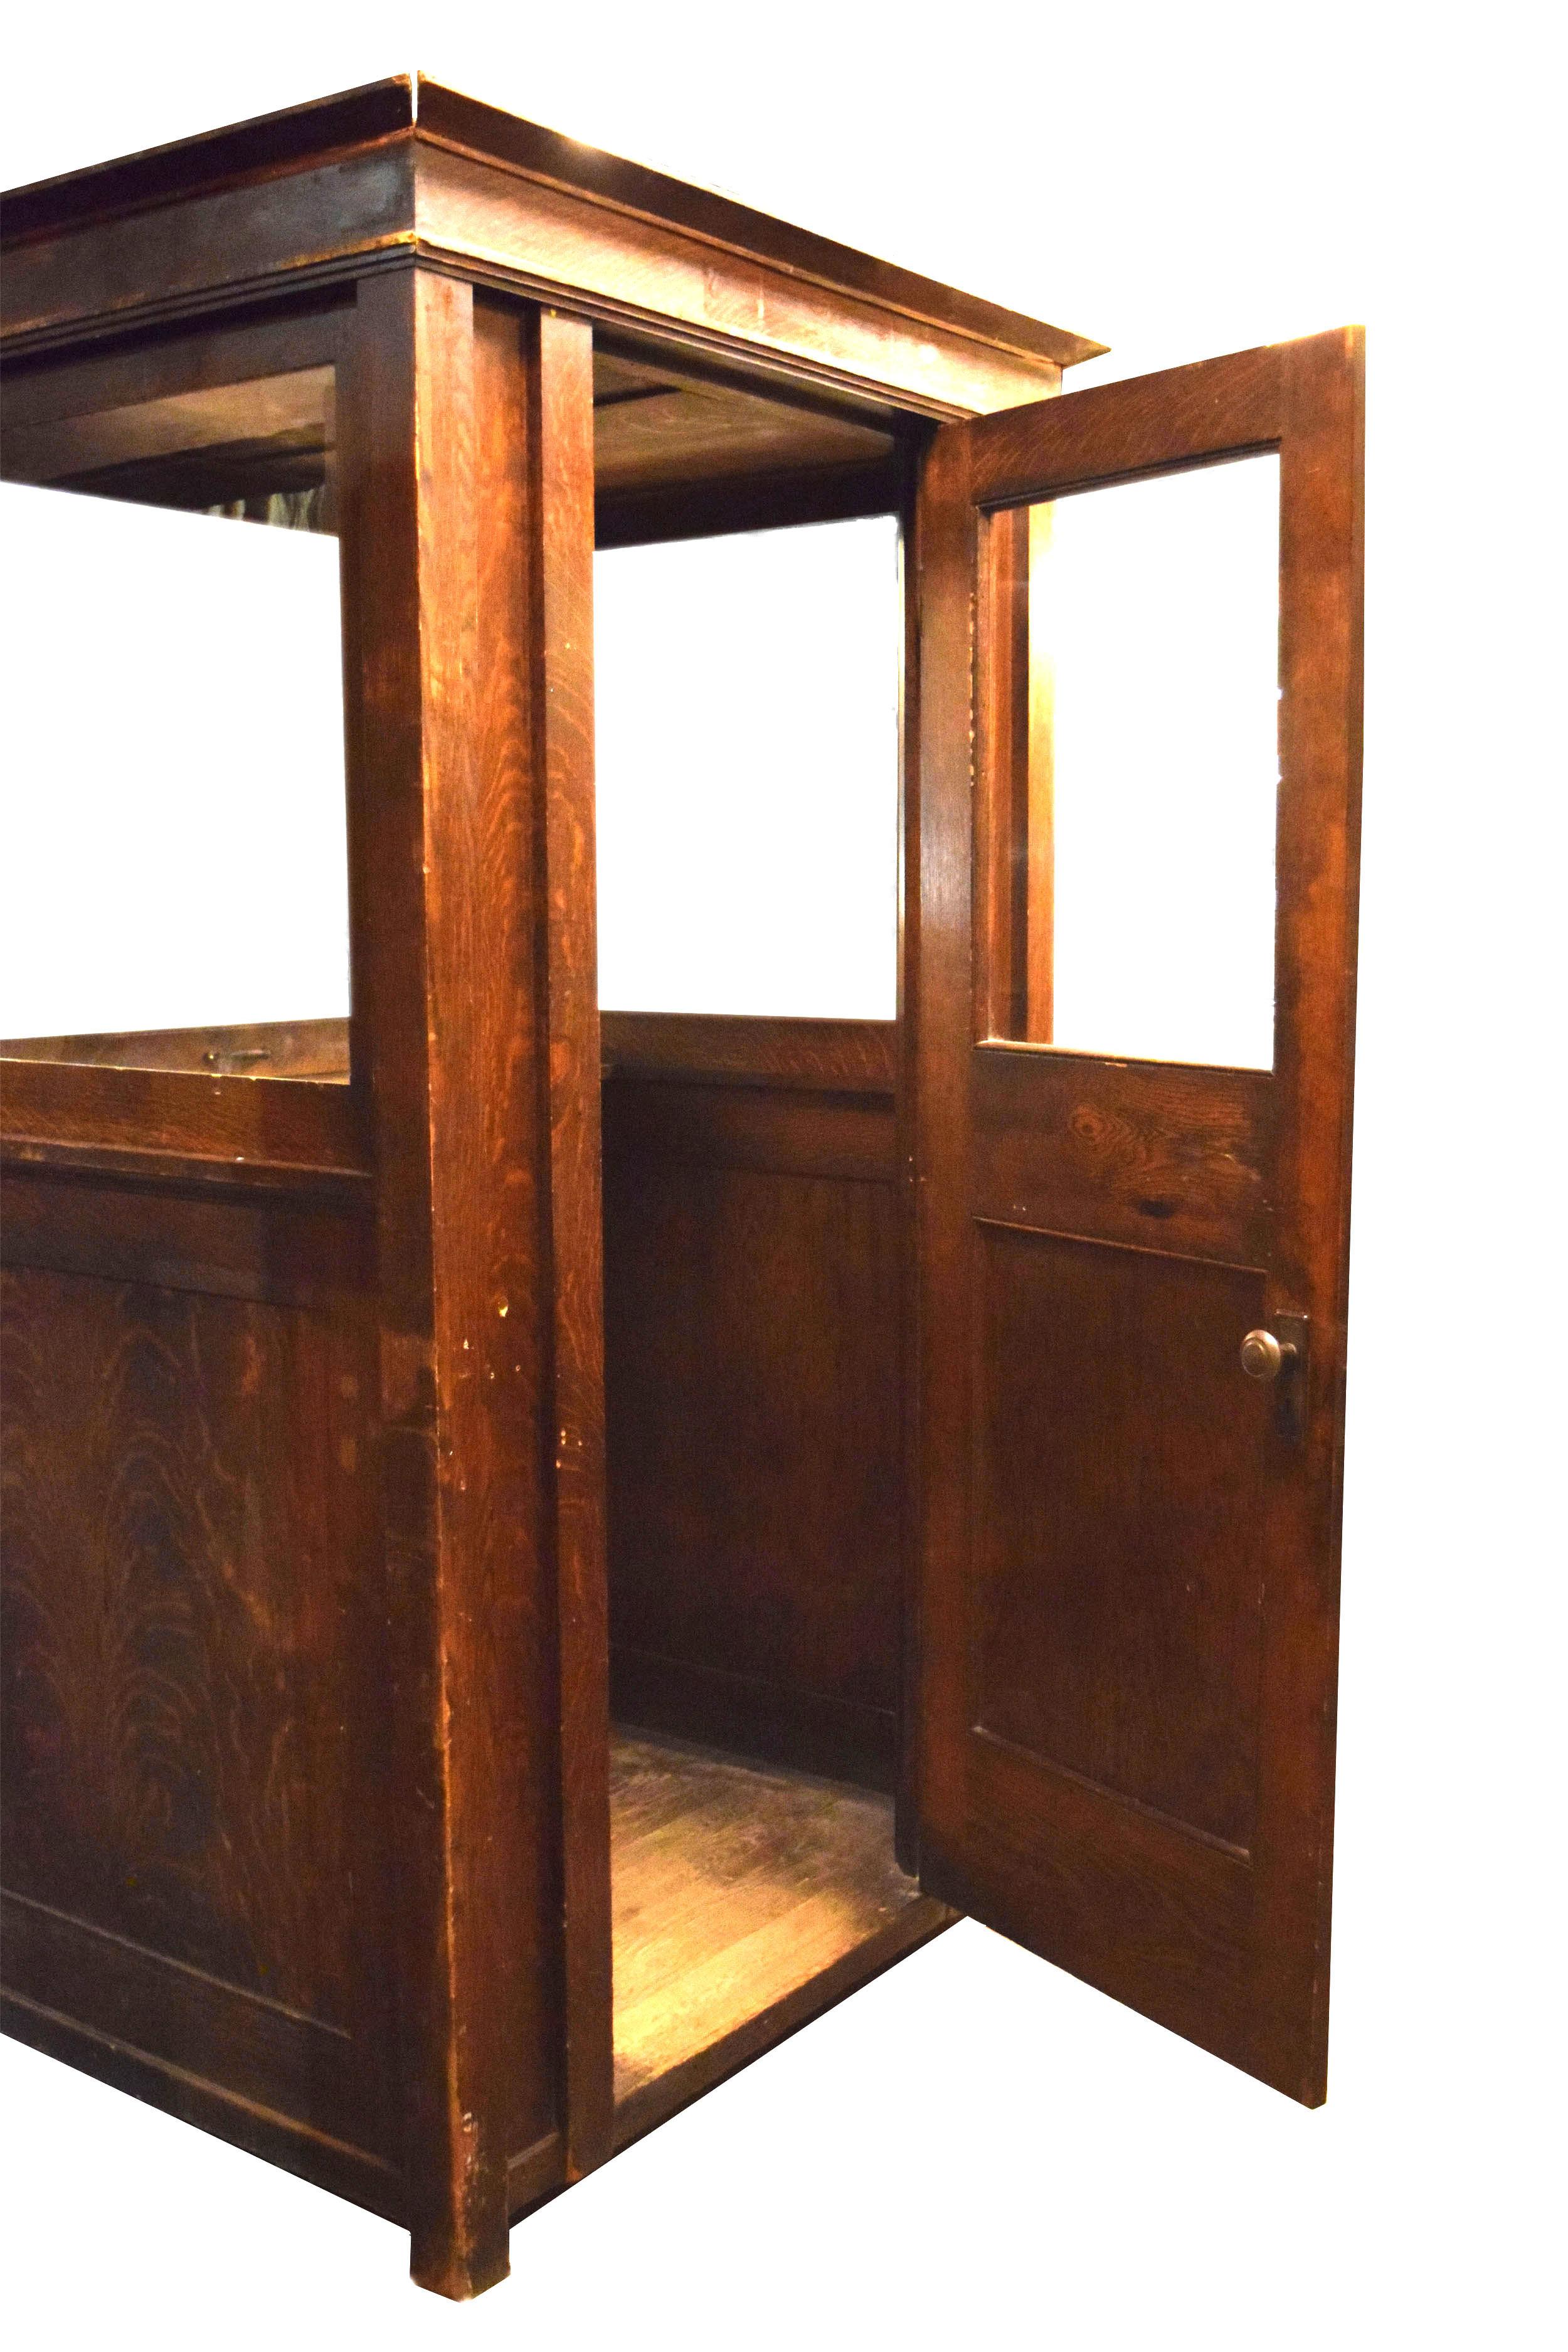 48050-oak-ticket-booth-open.jpg